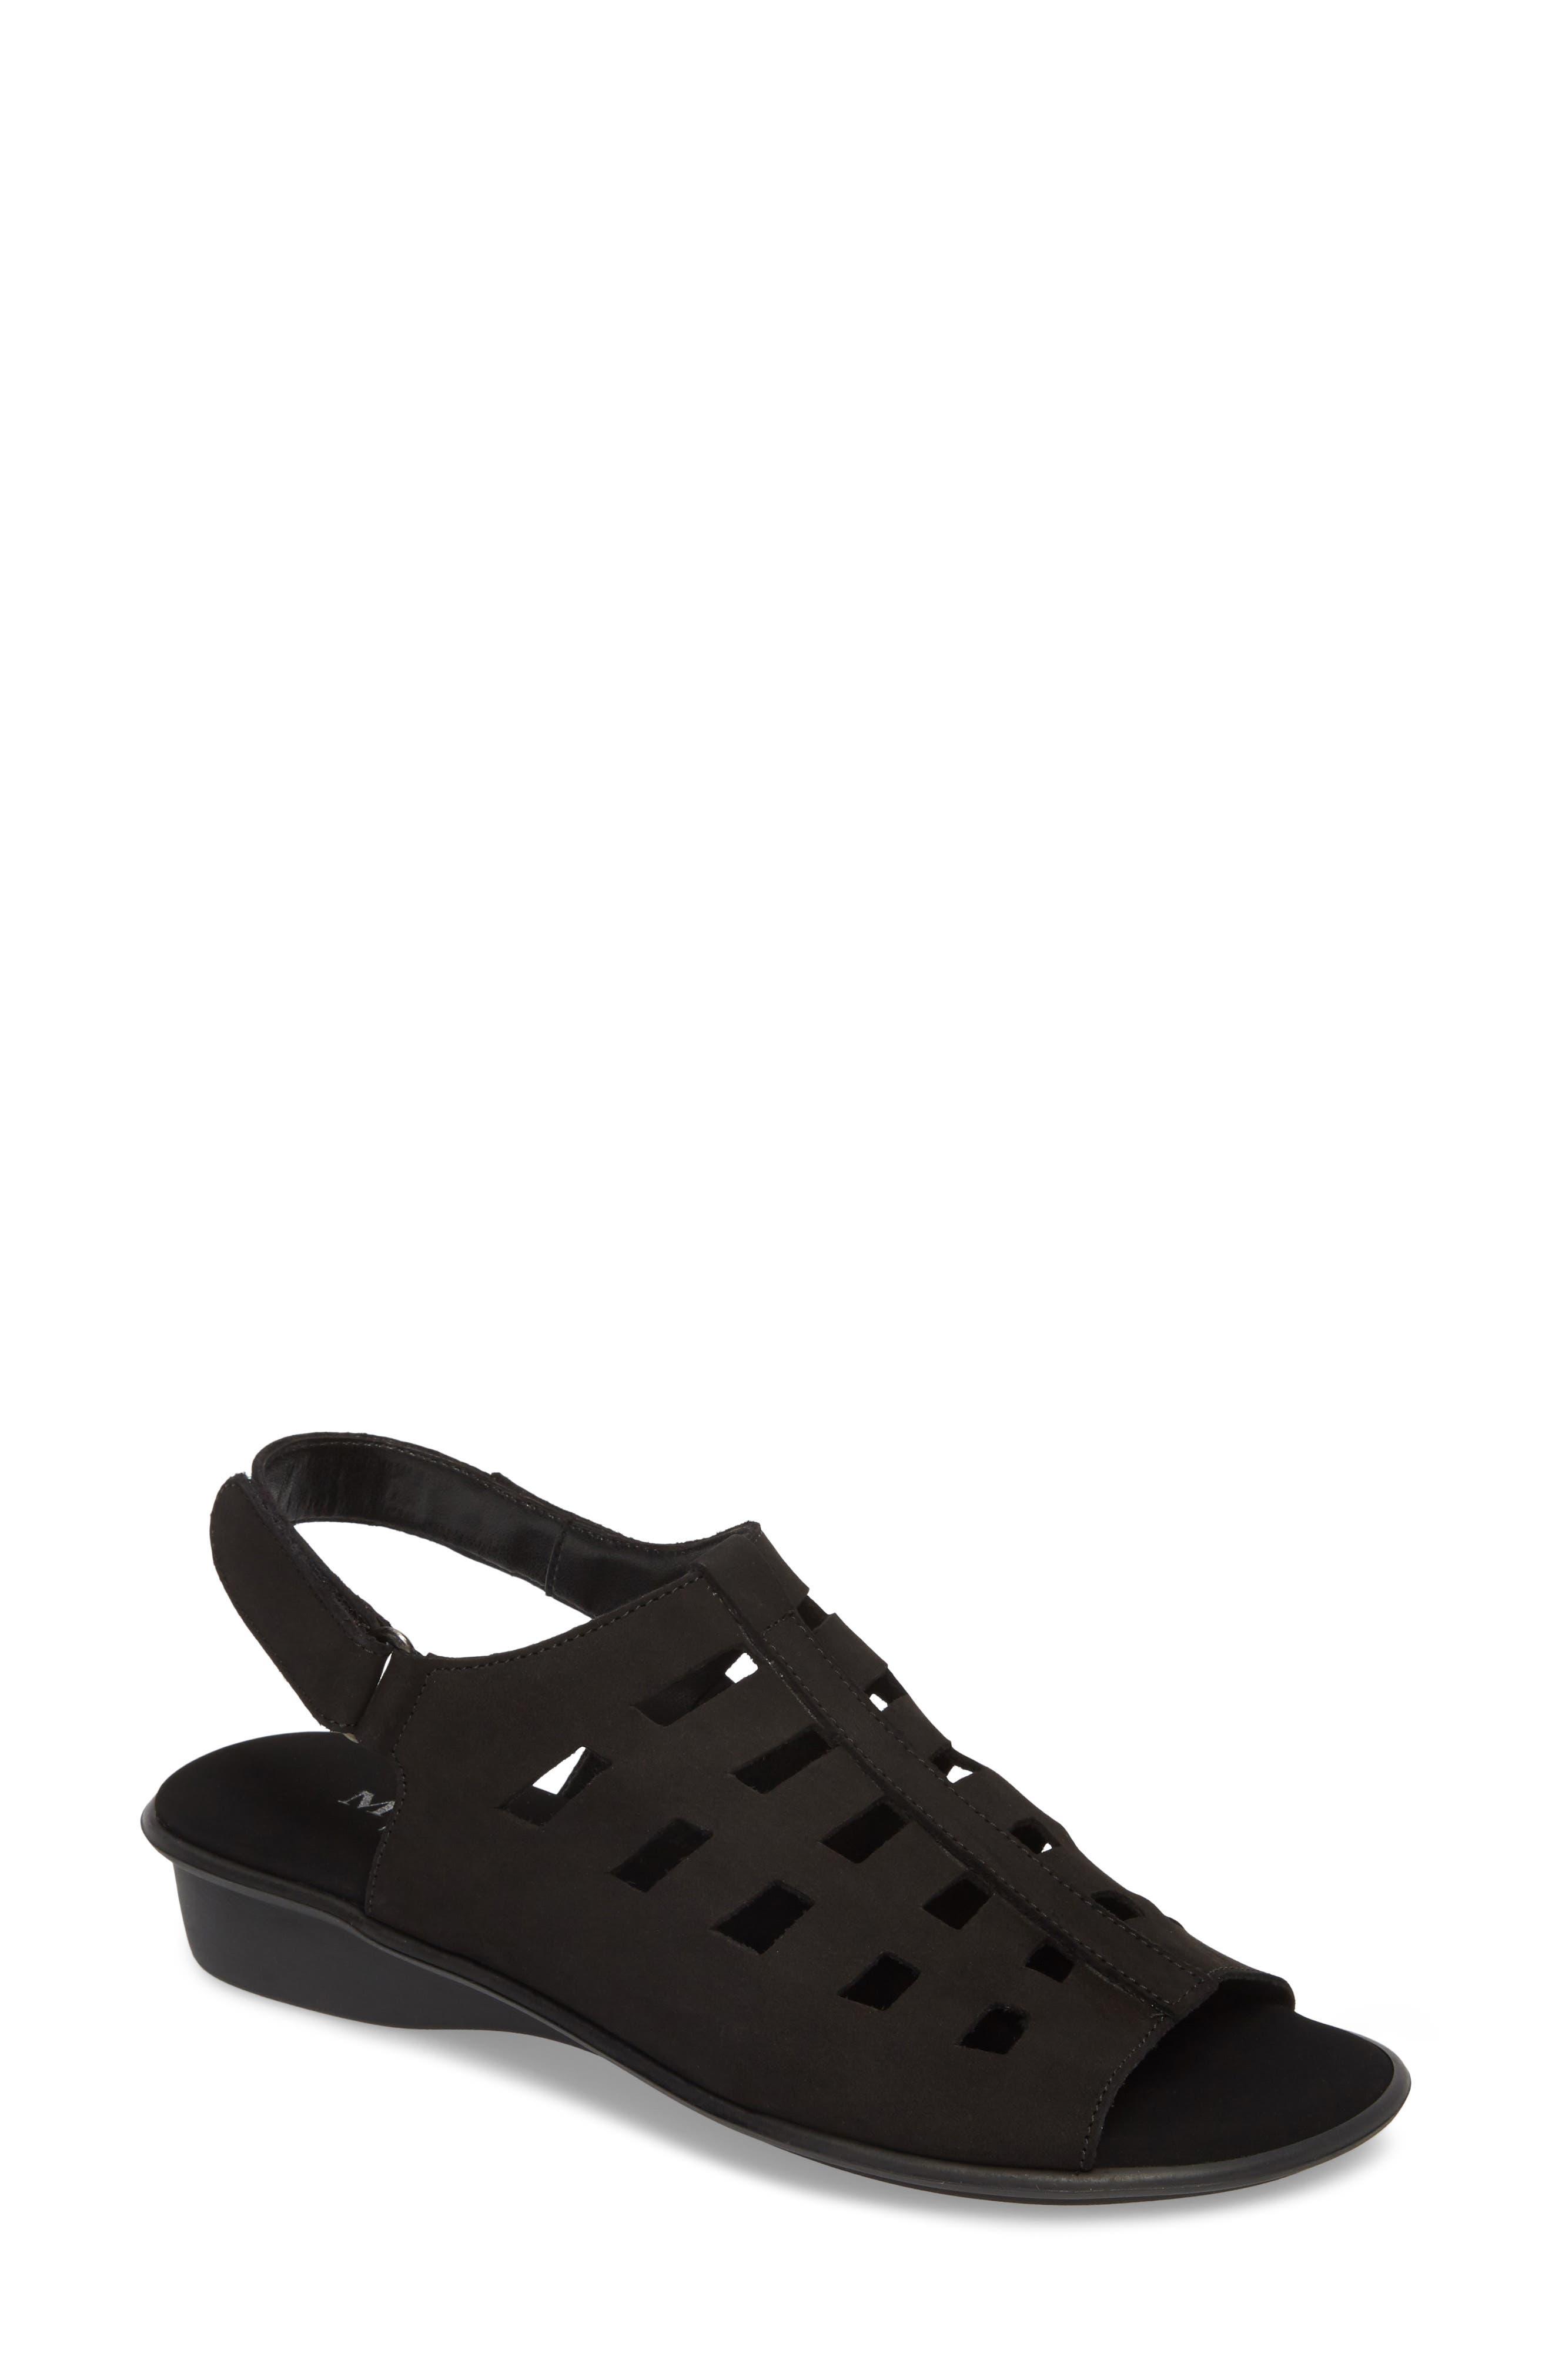 Elita Cutout Slingback Sandal,                             Main thumbnail 1, color,                             BLACK NUBUCK